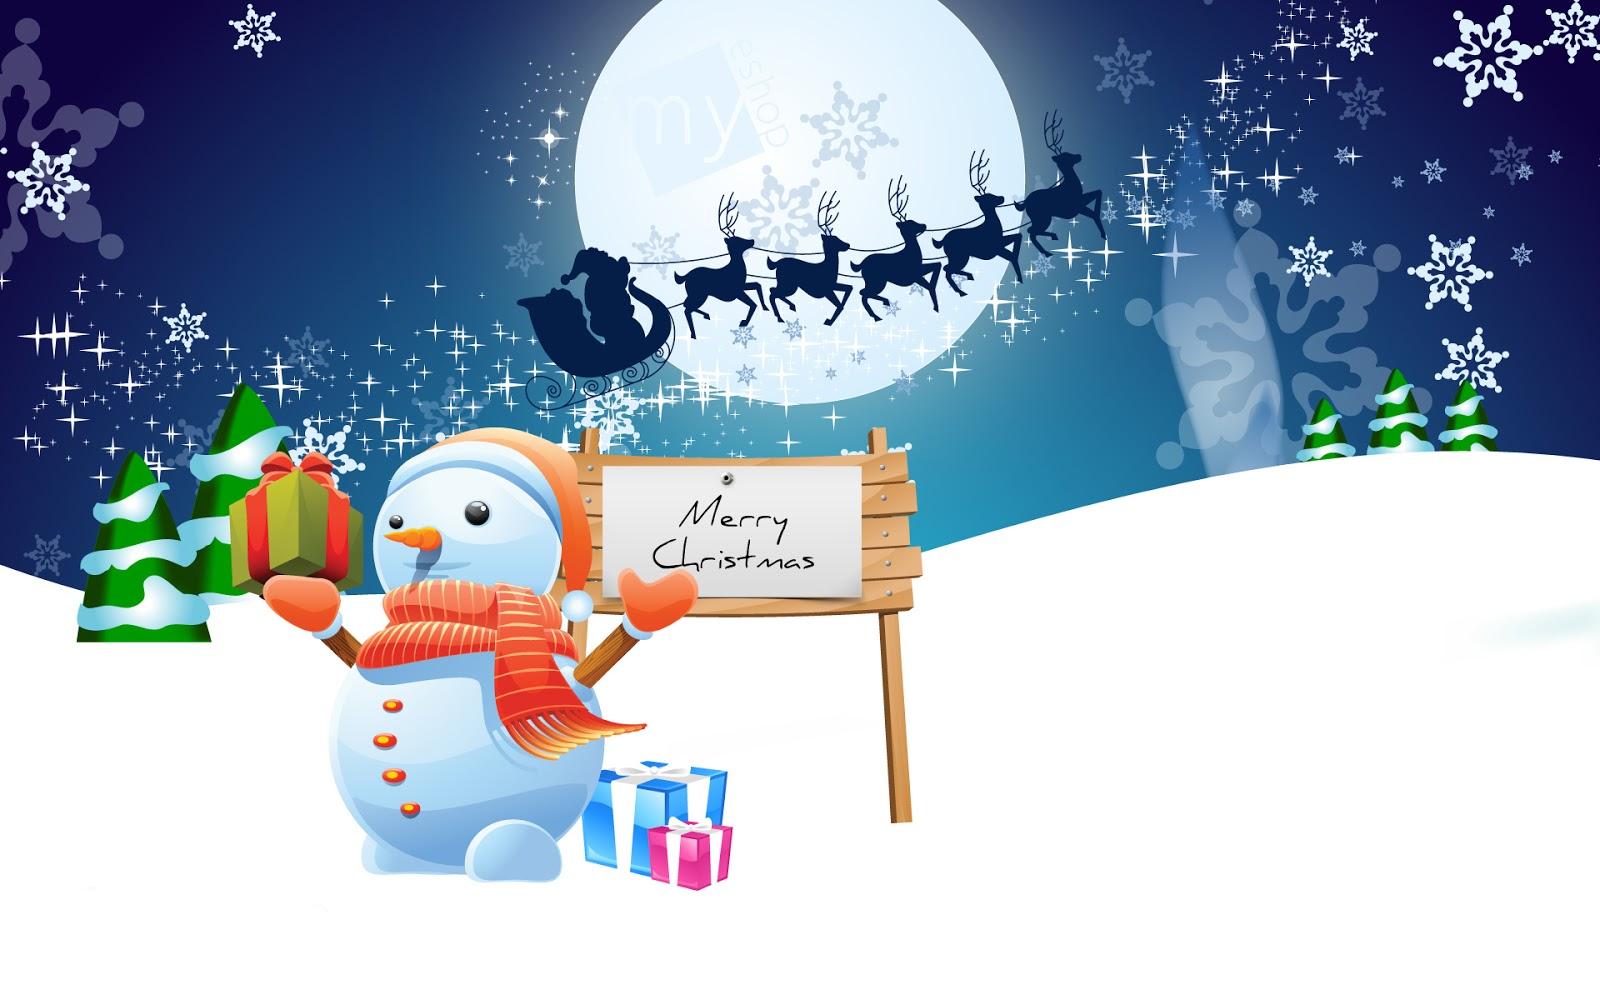 Bộ Hình Nền Giáng Sinh Đáng Yêu Nhất